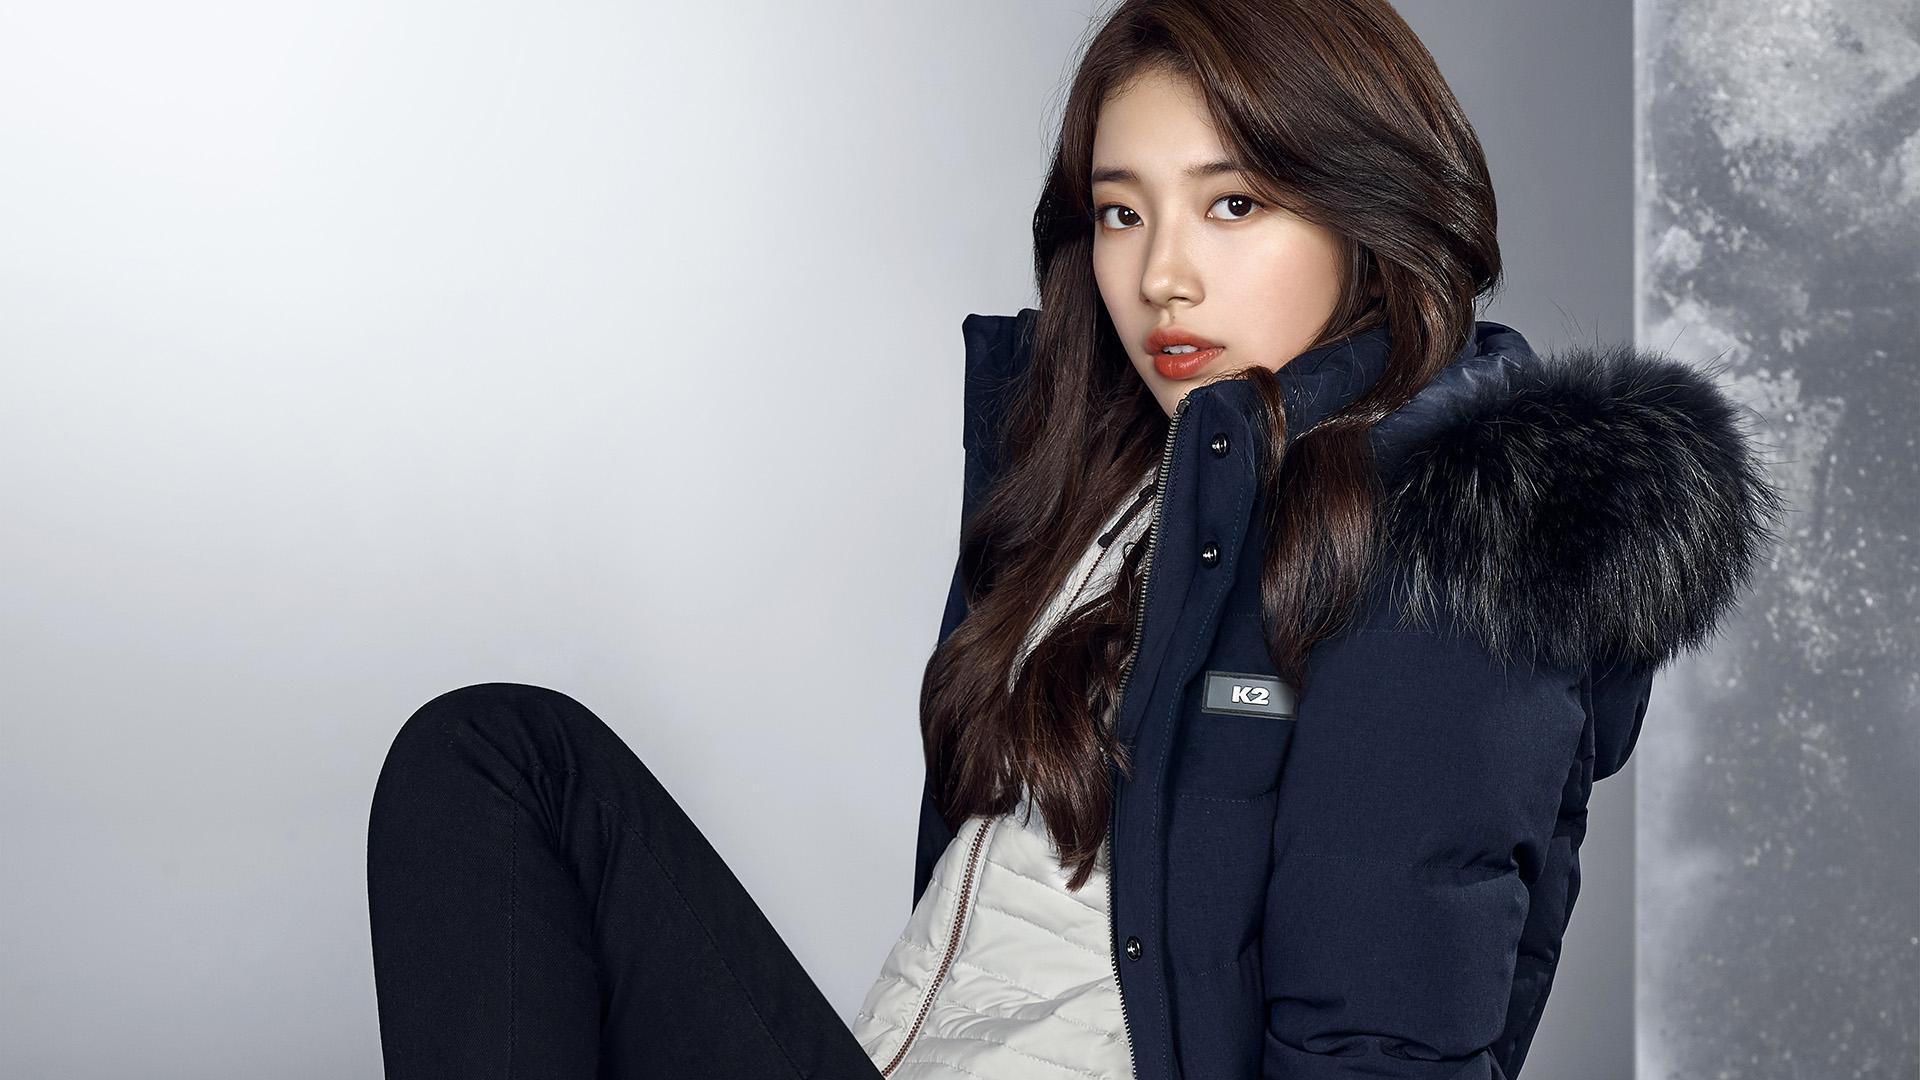 Ho70-suji-girl-kpop-winter-model-beauty-wallpaper